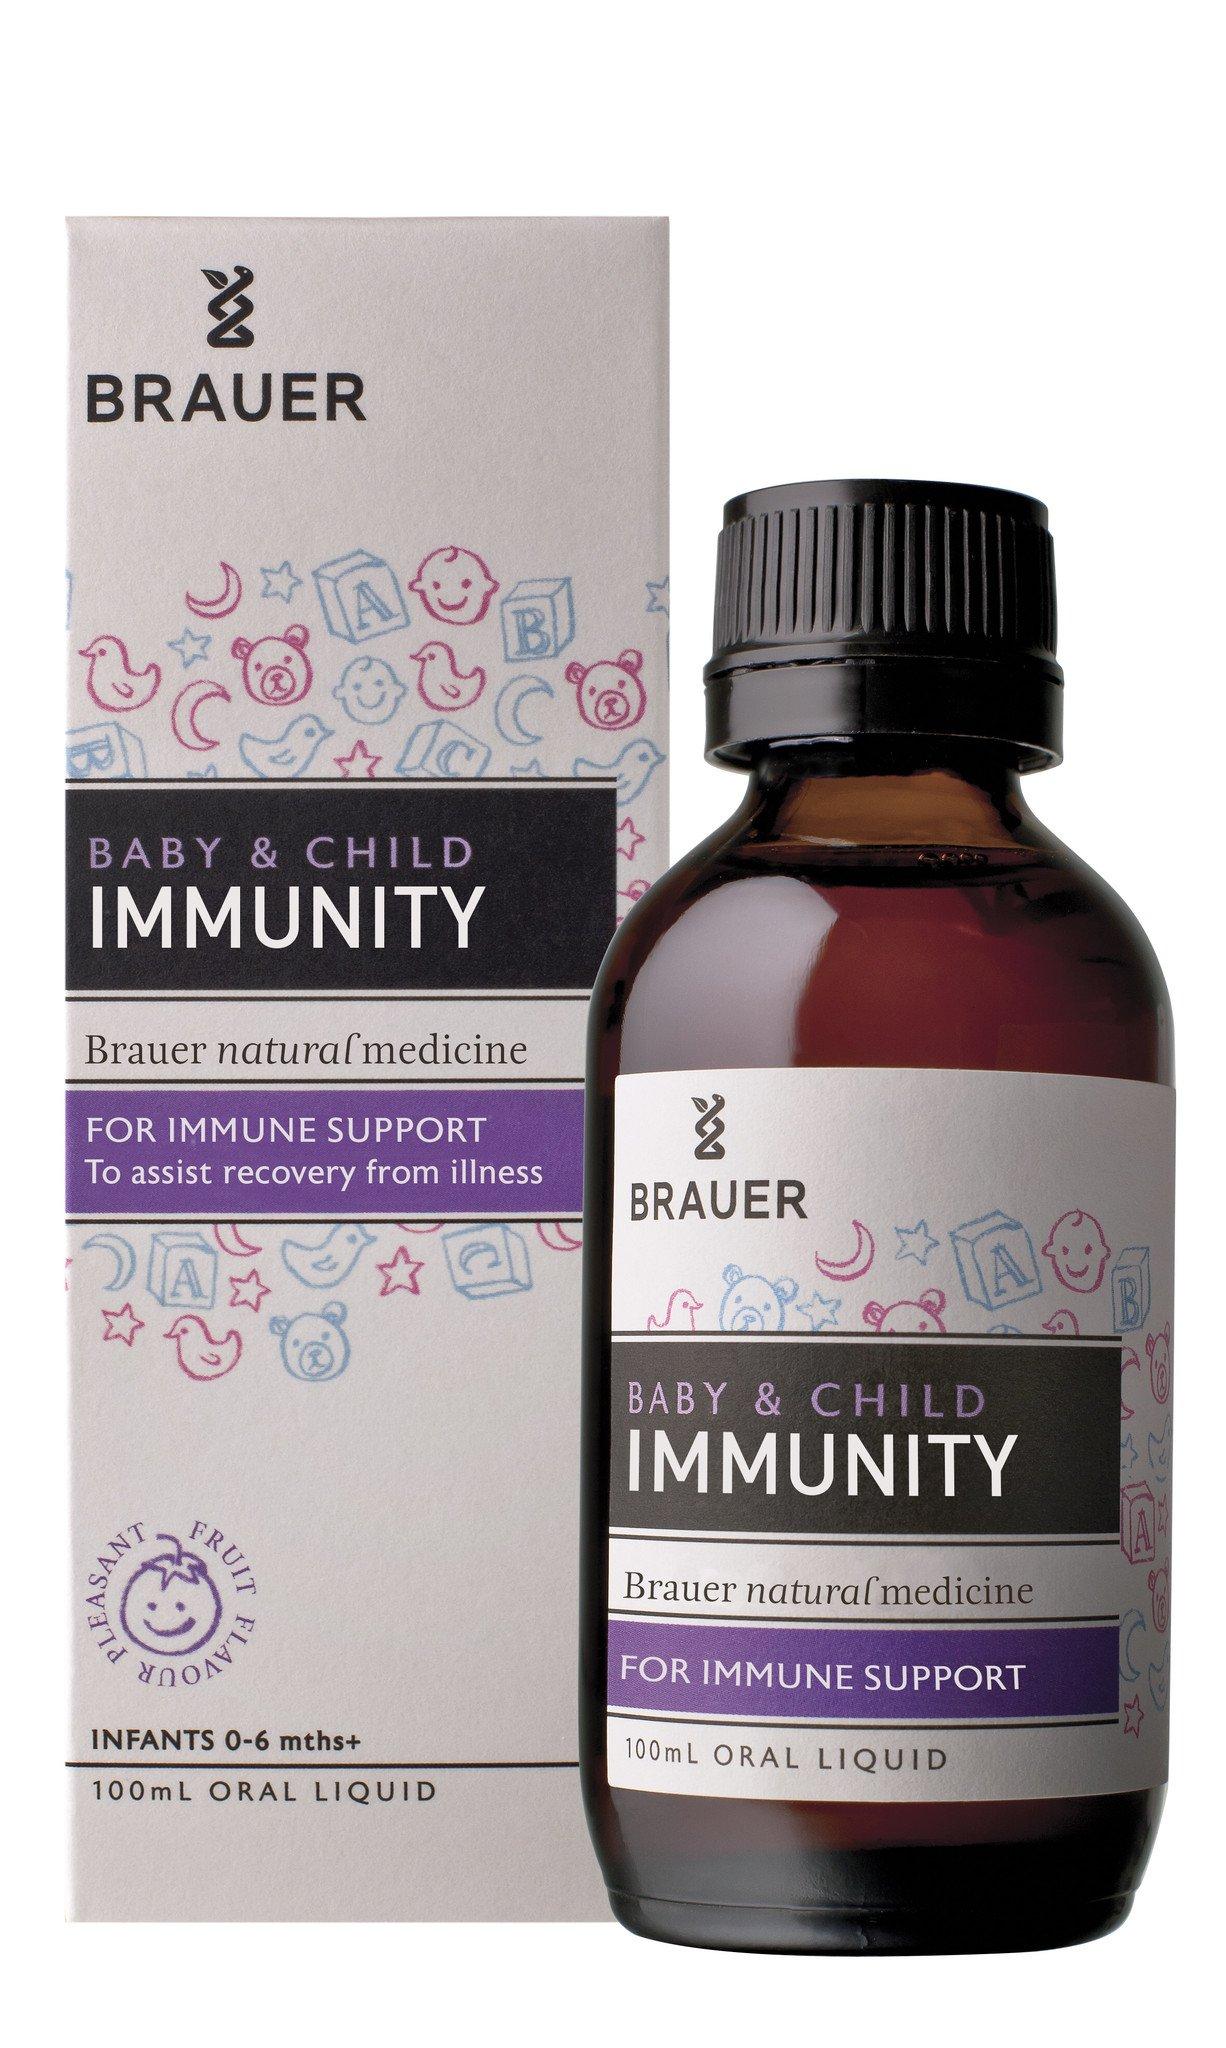 Baby & Child Immunity 100ml Brauer